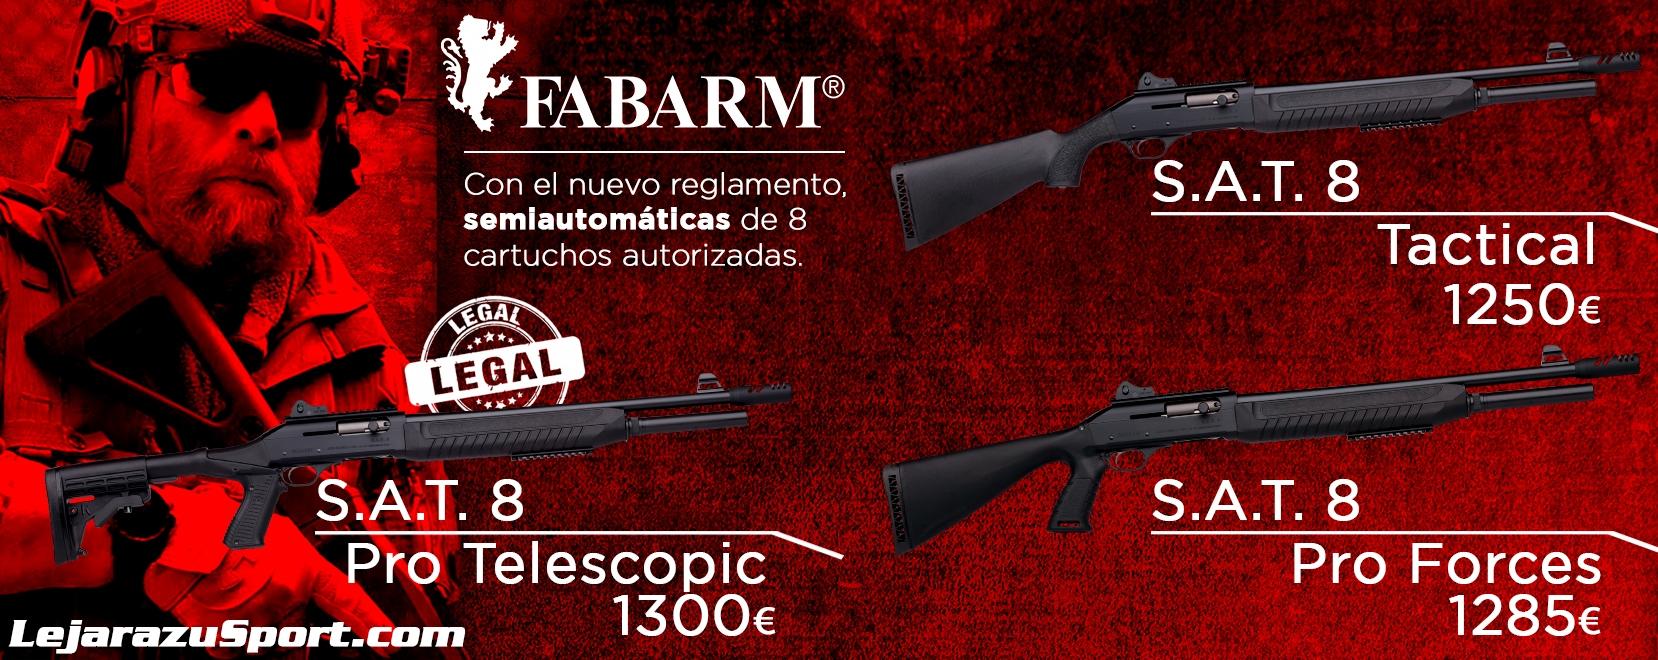 Comprar escopetas Fabarm SAT8 en LejarazuSport.com